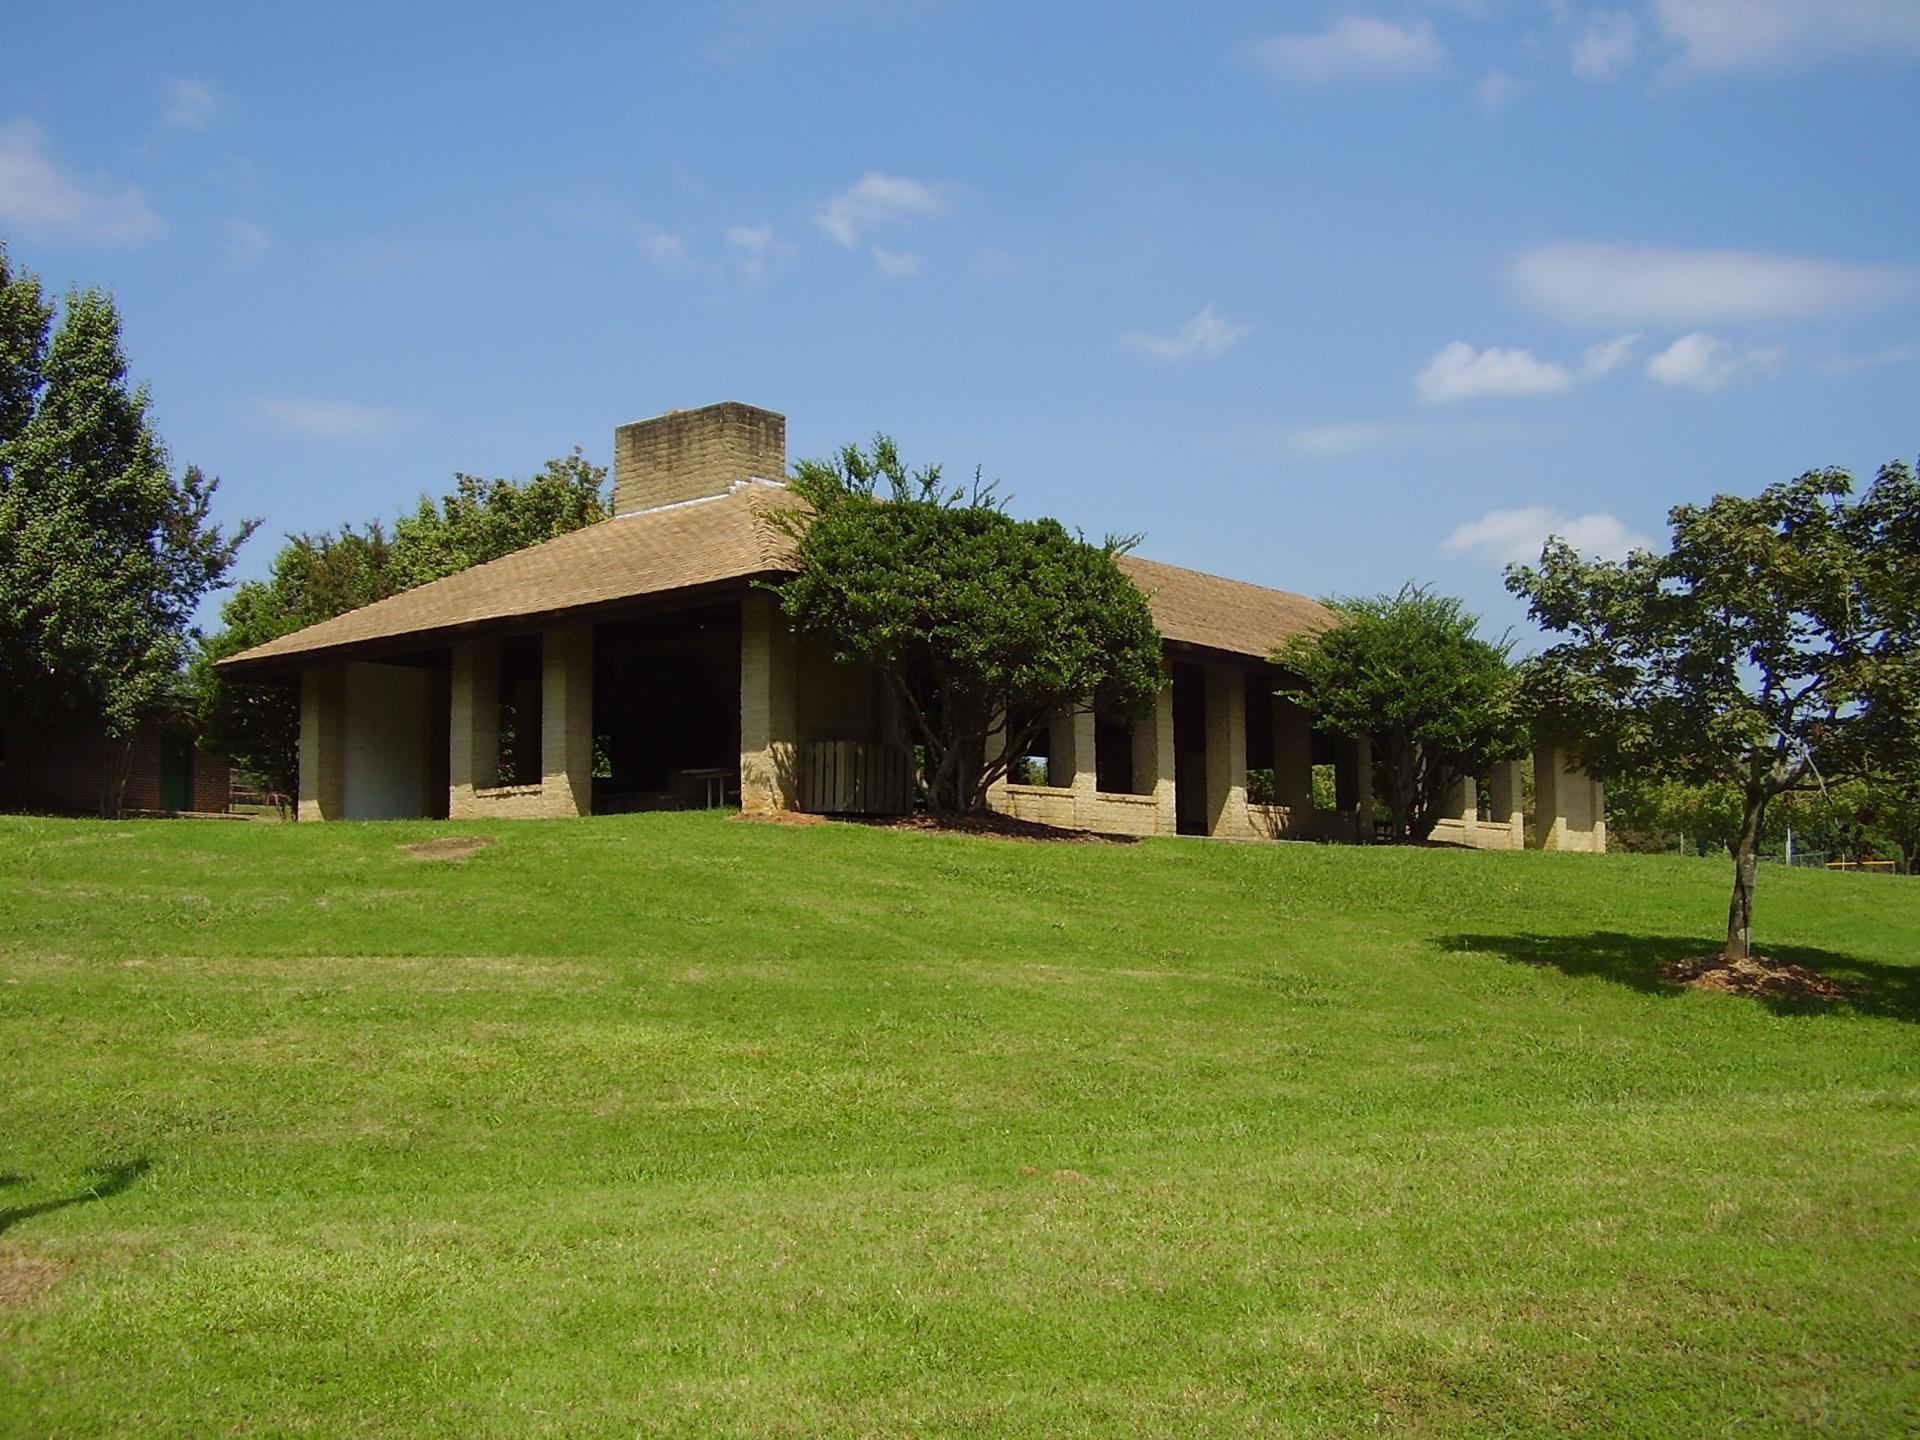 lakeside park building